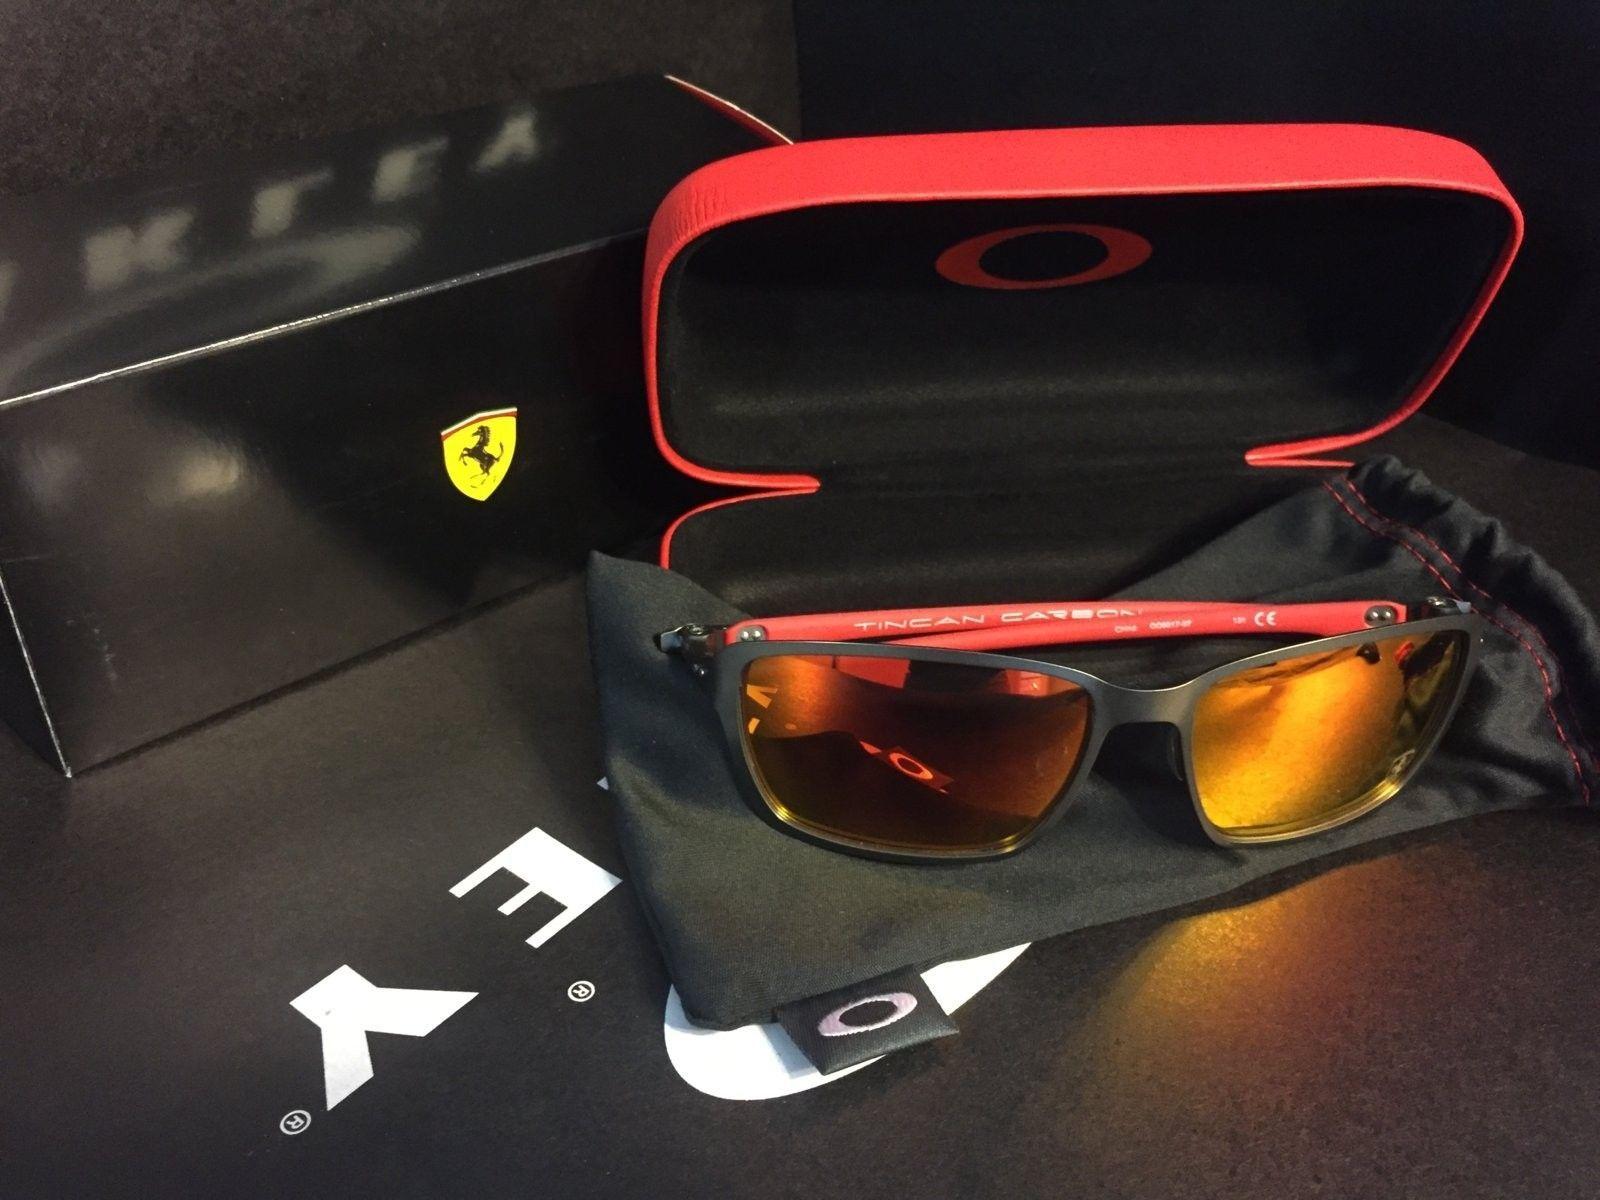 Ferrari Tincan Carbon $150 shipped - image.jpeg